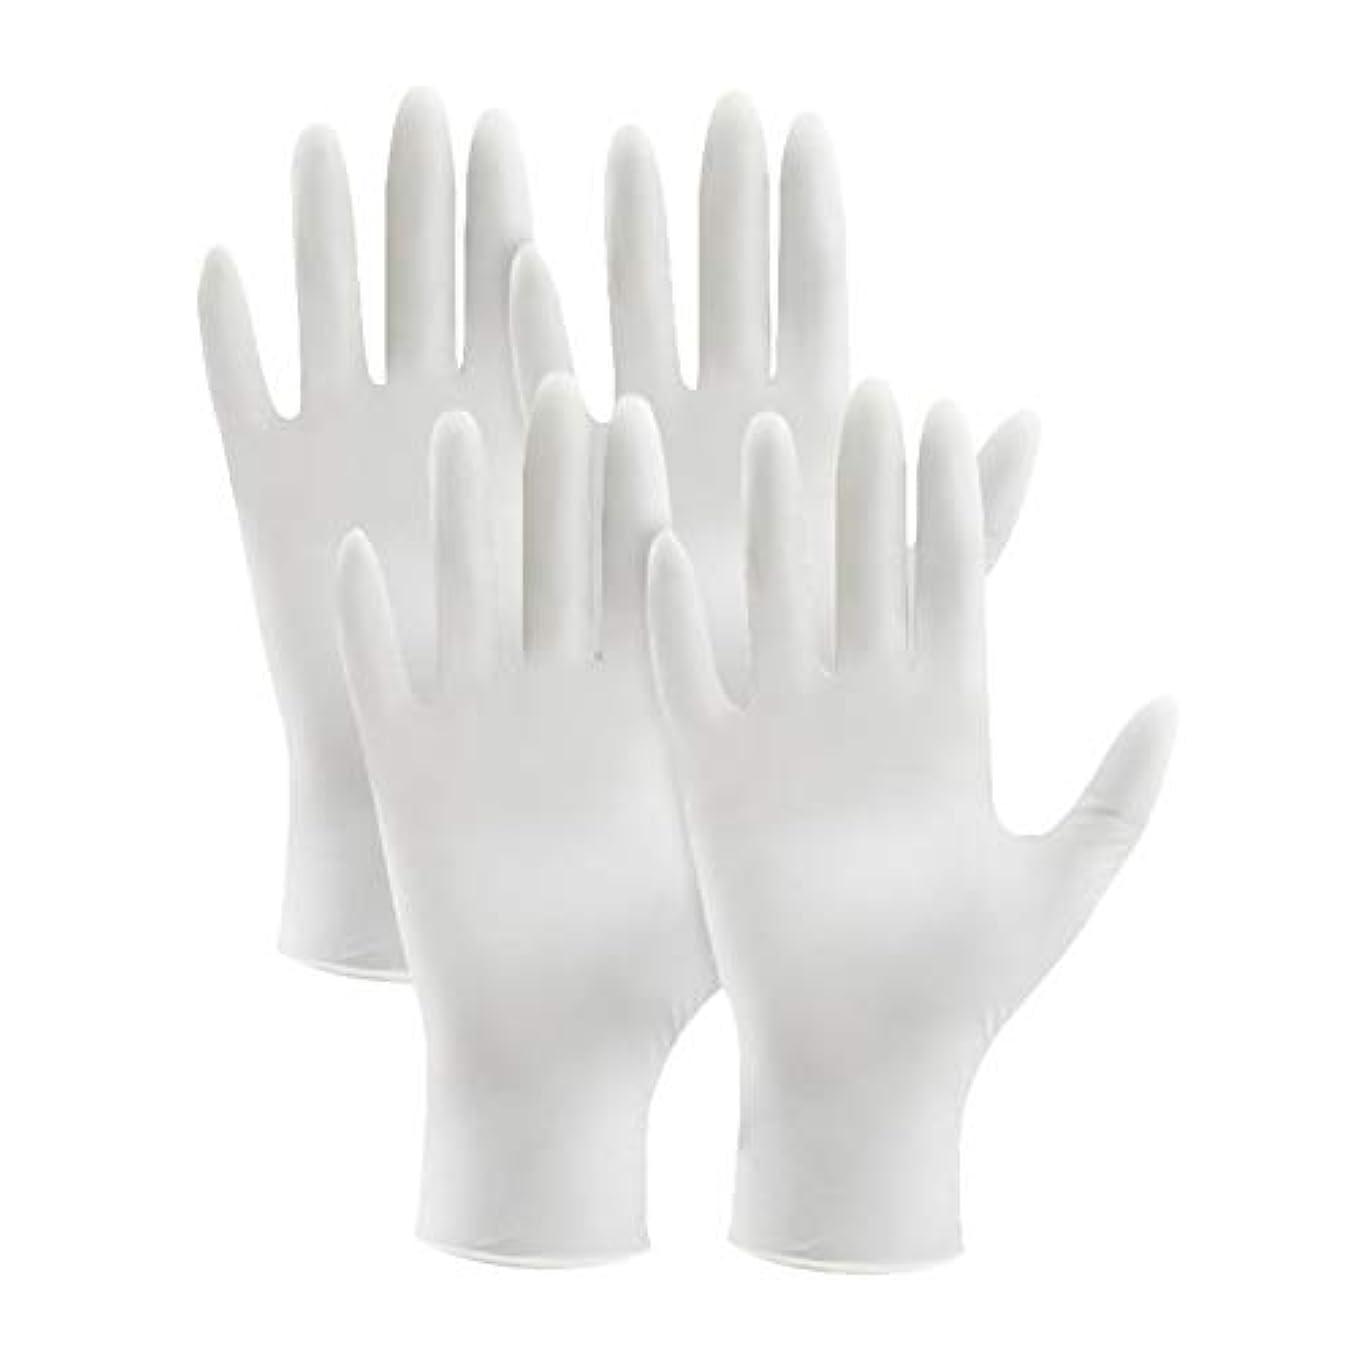 憎しみ操縦するパノラマOurine ニトリル手袋 使い捨て手袋 粉あり まるで素手の様な感覚で作業ができる 極薄 ゴム手袋 白 ホワイト 左右兼用 品質 作業薄手手袋 4枚入り